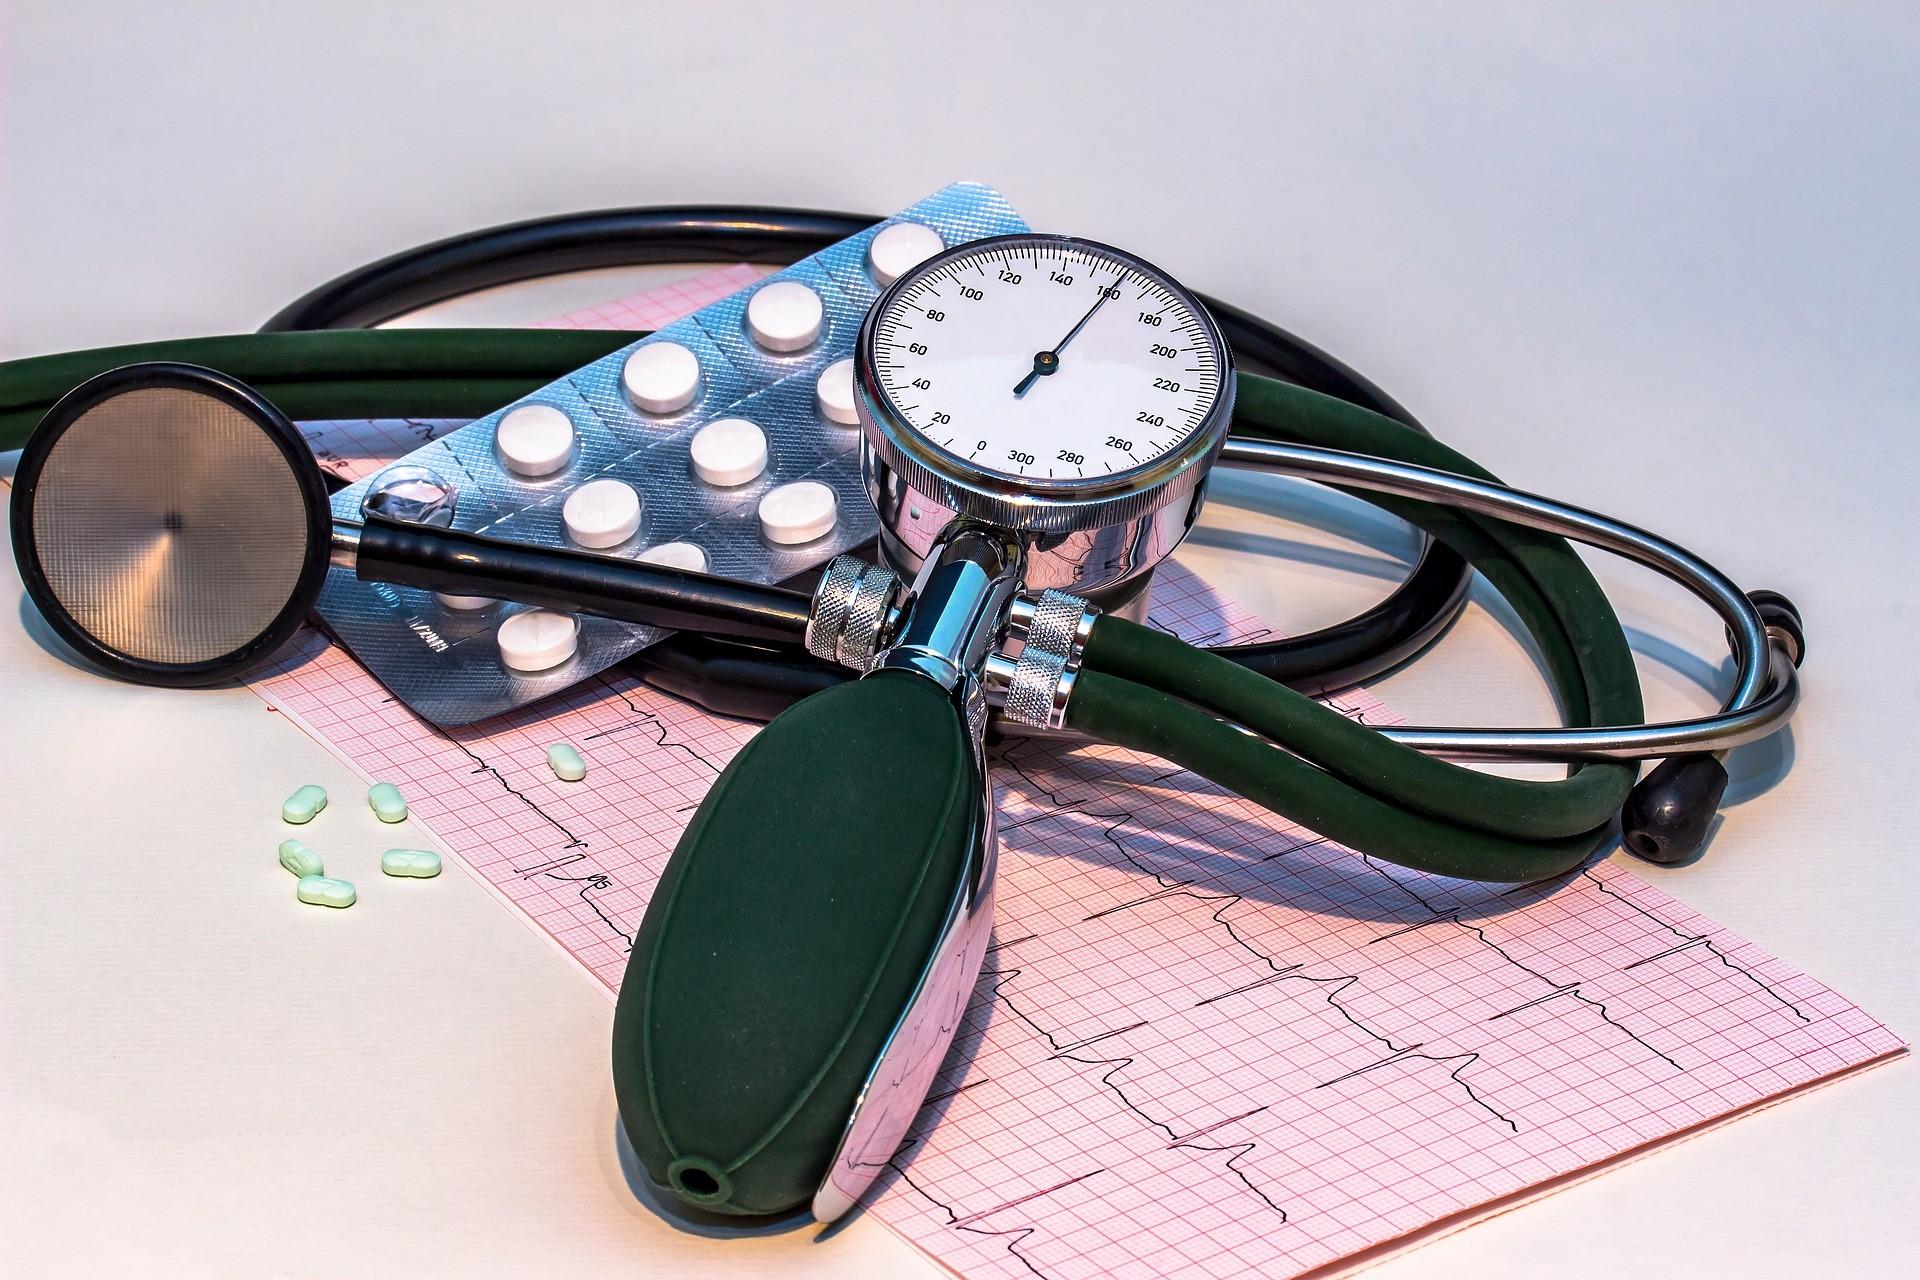 vartoja vaistus nuo hipertenzijos hipertenzija 3 ŠKL rizika 4